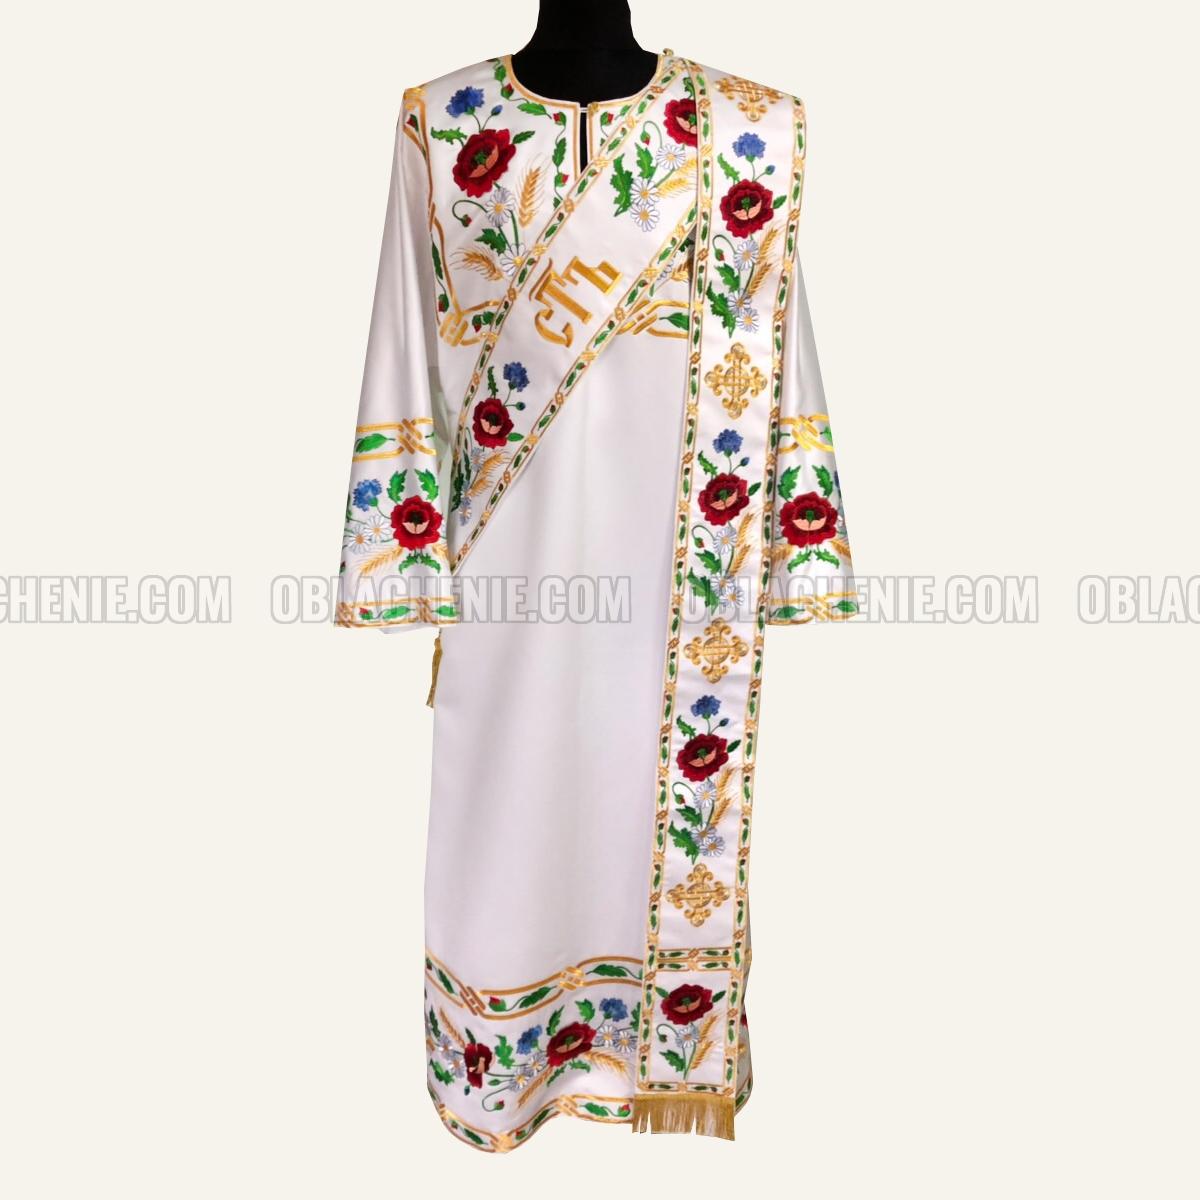 Deacon's vestments 10351